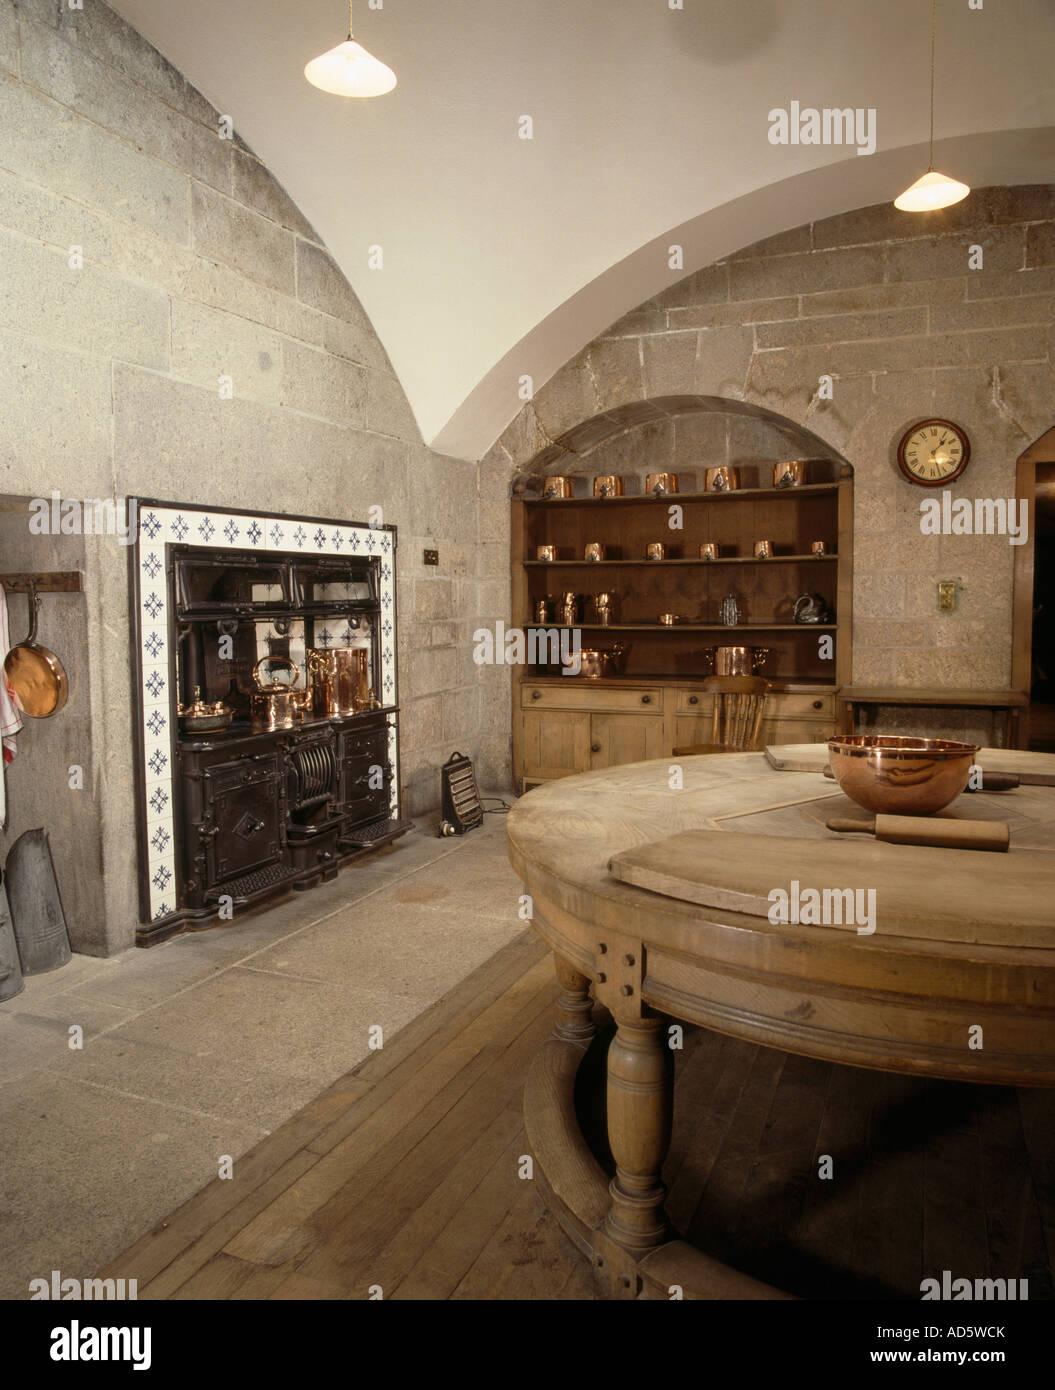 Großer Edwardian Keller Küche mit gewölbter Decke und runden ...